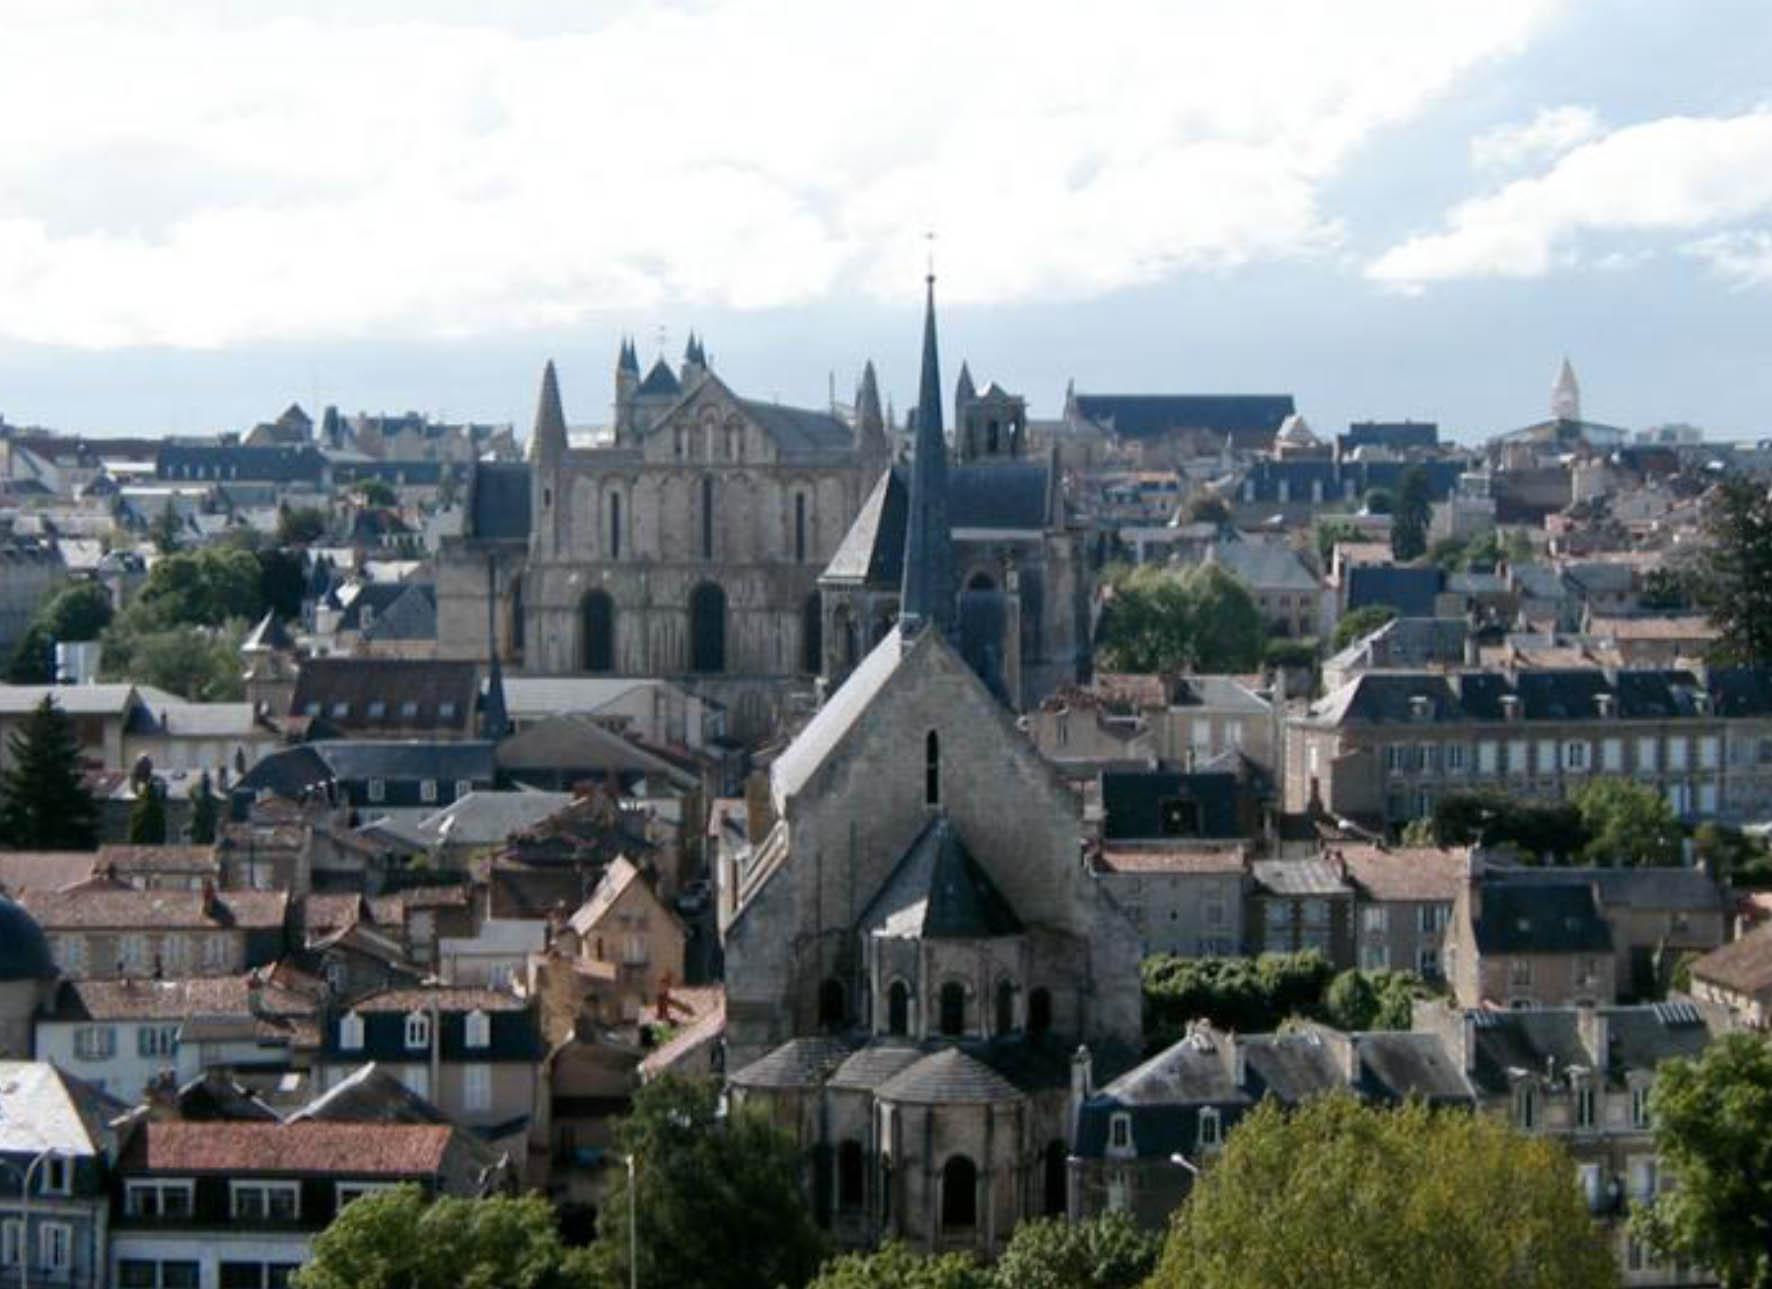 Stipendiranje razmjene studenata na Univerzitetu Poitiers u Francuskoj